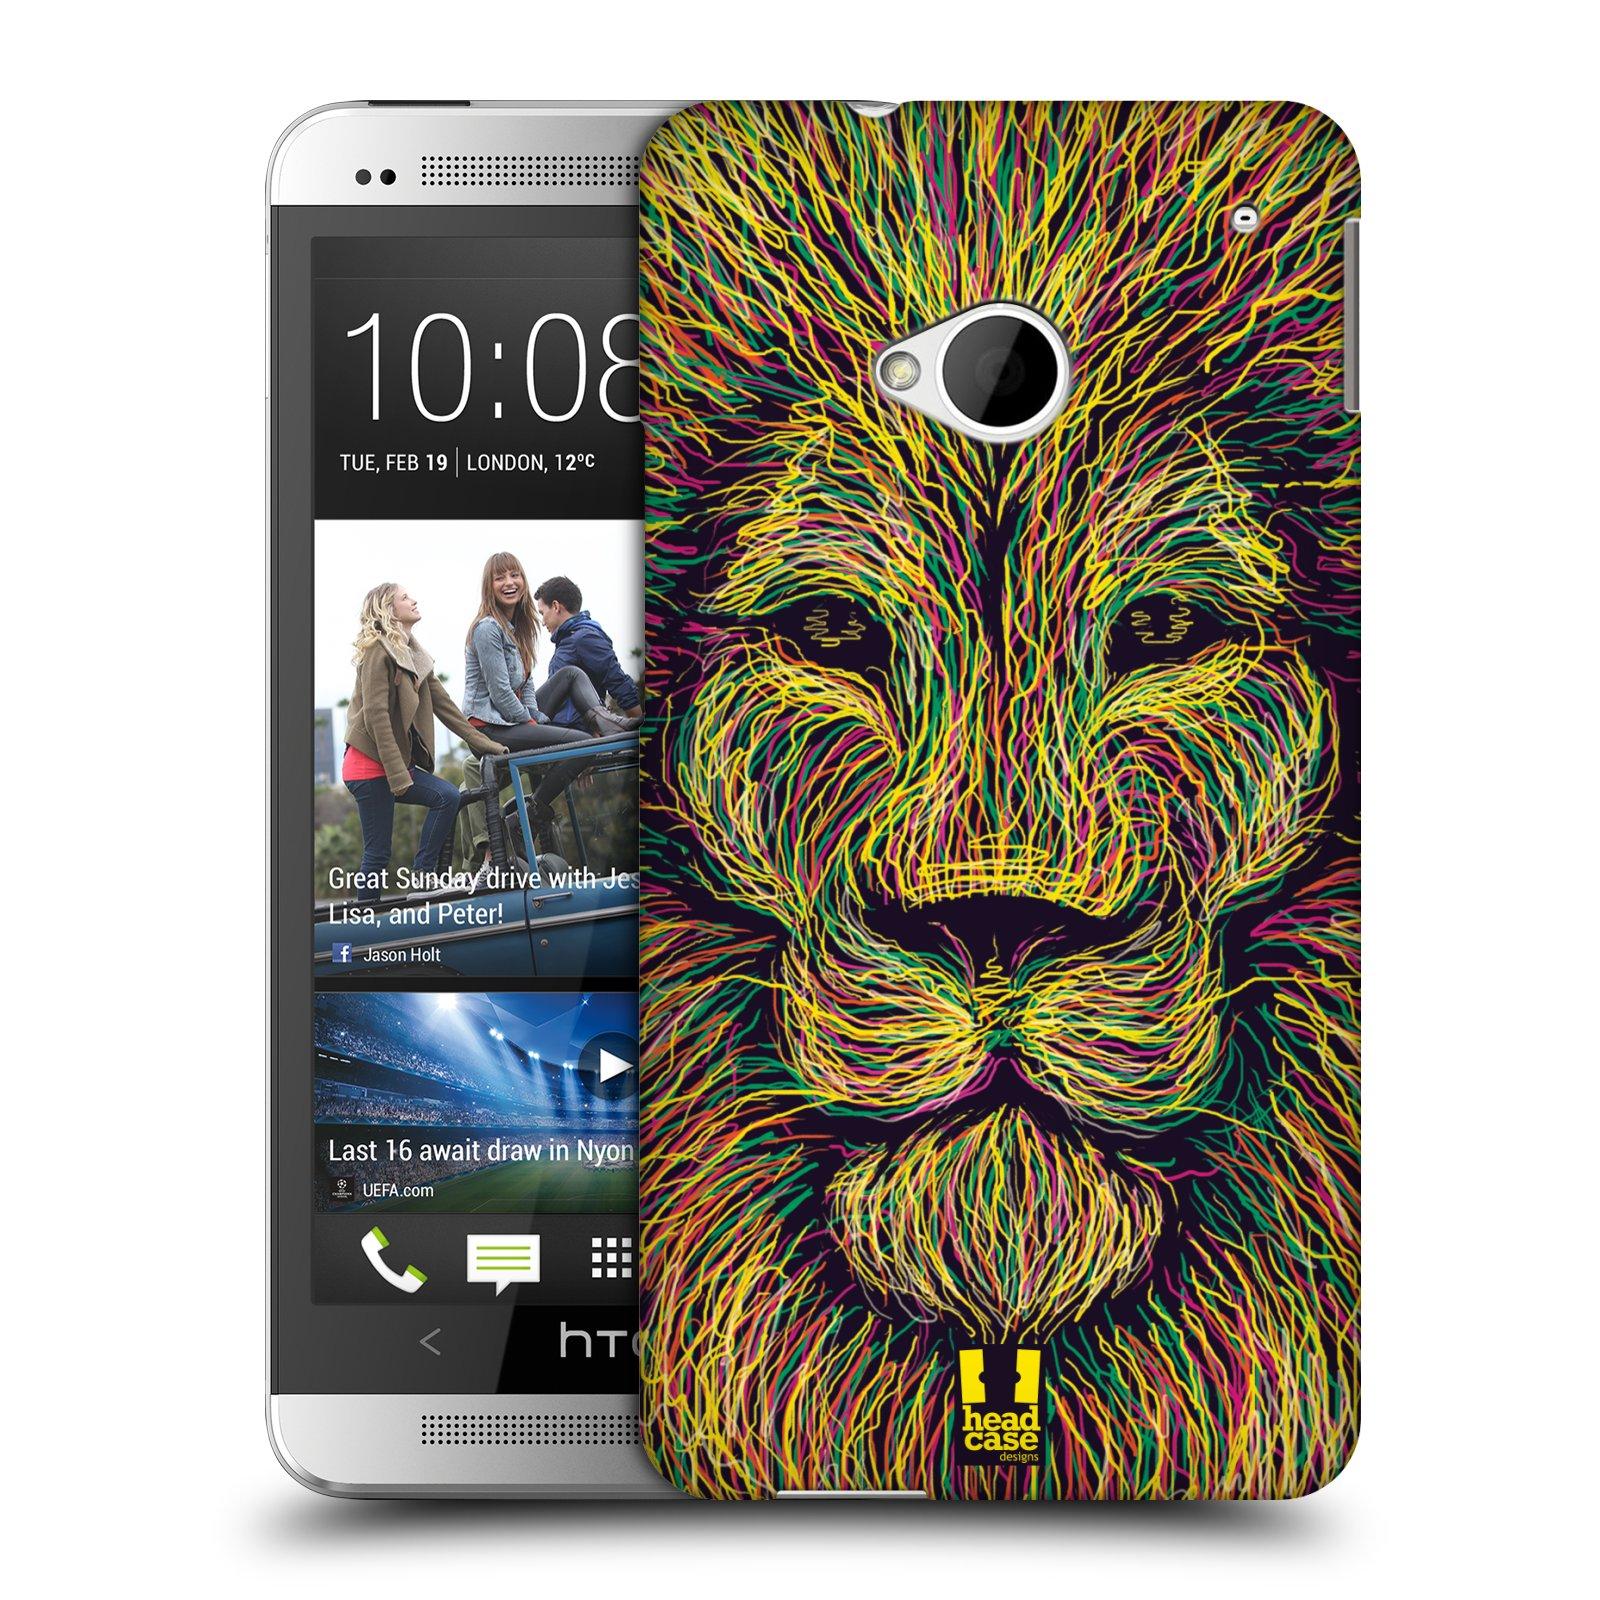 HEAD CASE plastový obal na mobil HTC One (M7) vzor zvíře čmáranice lev